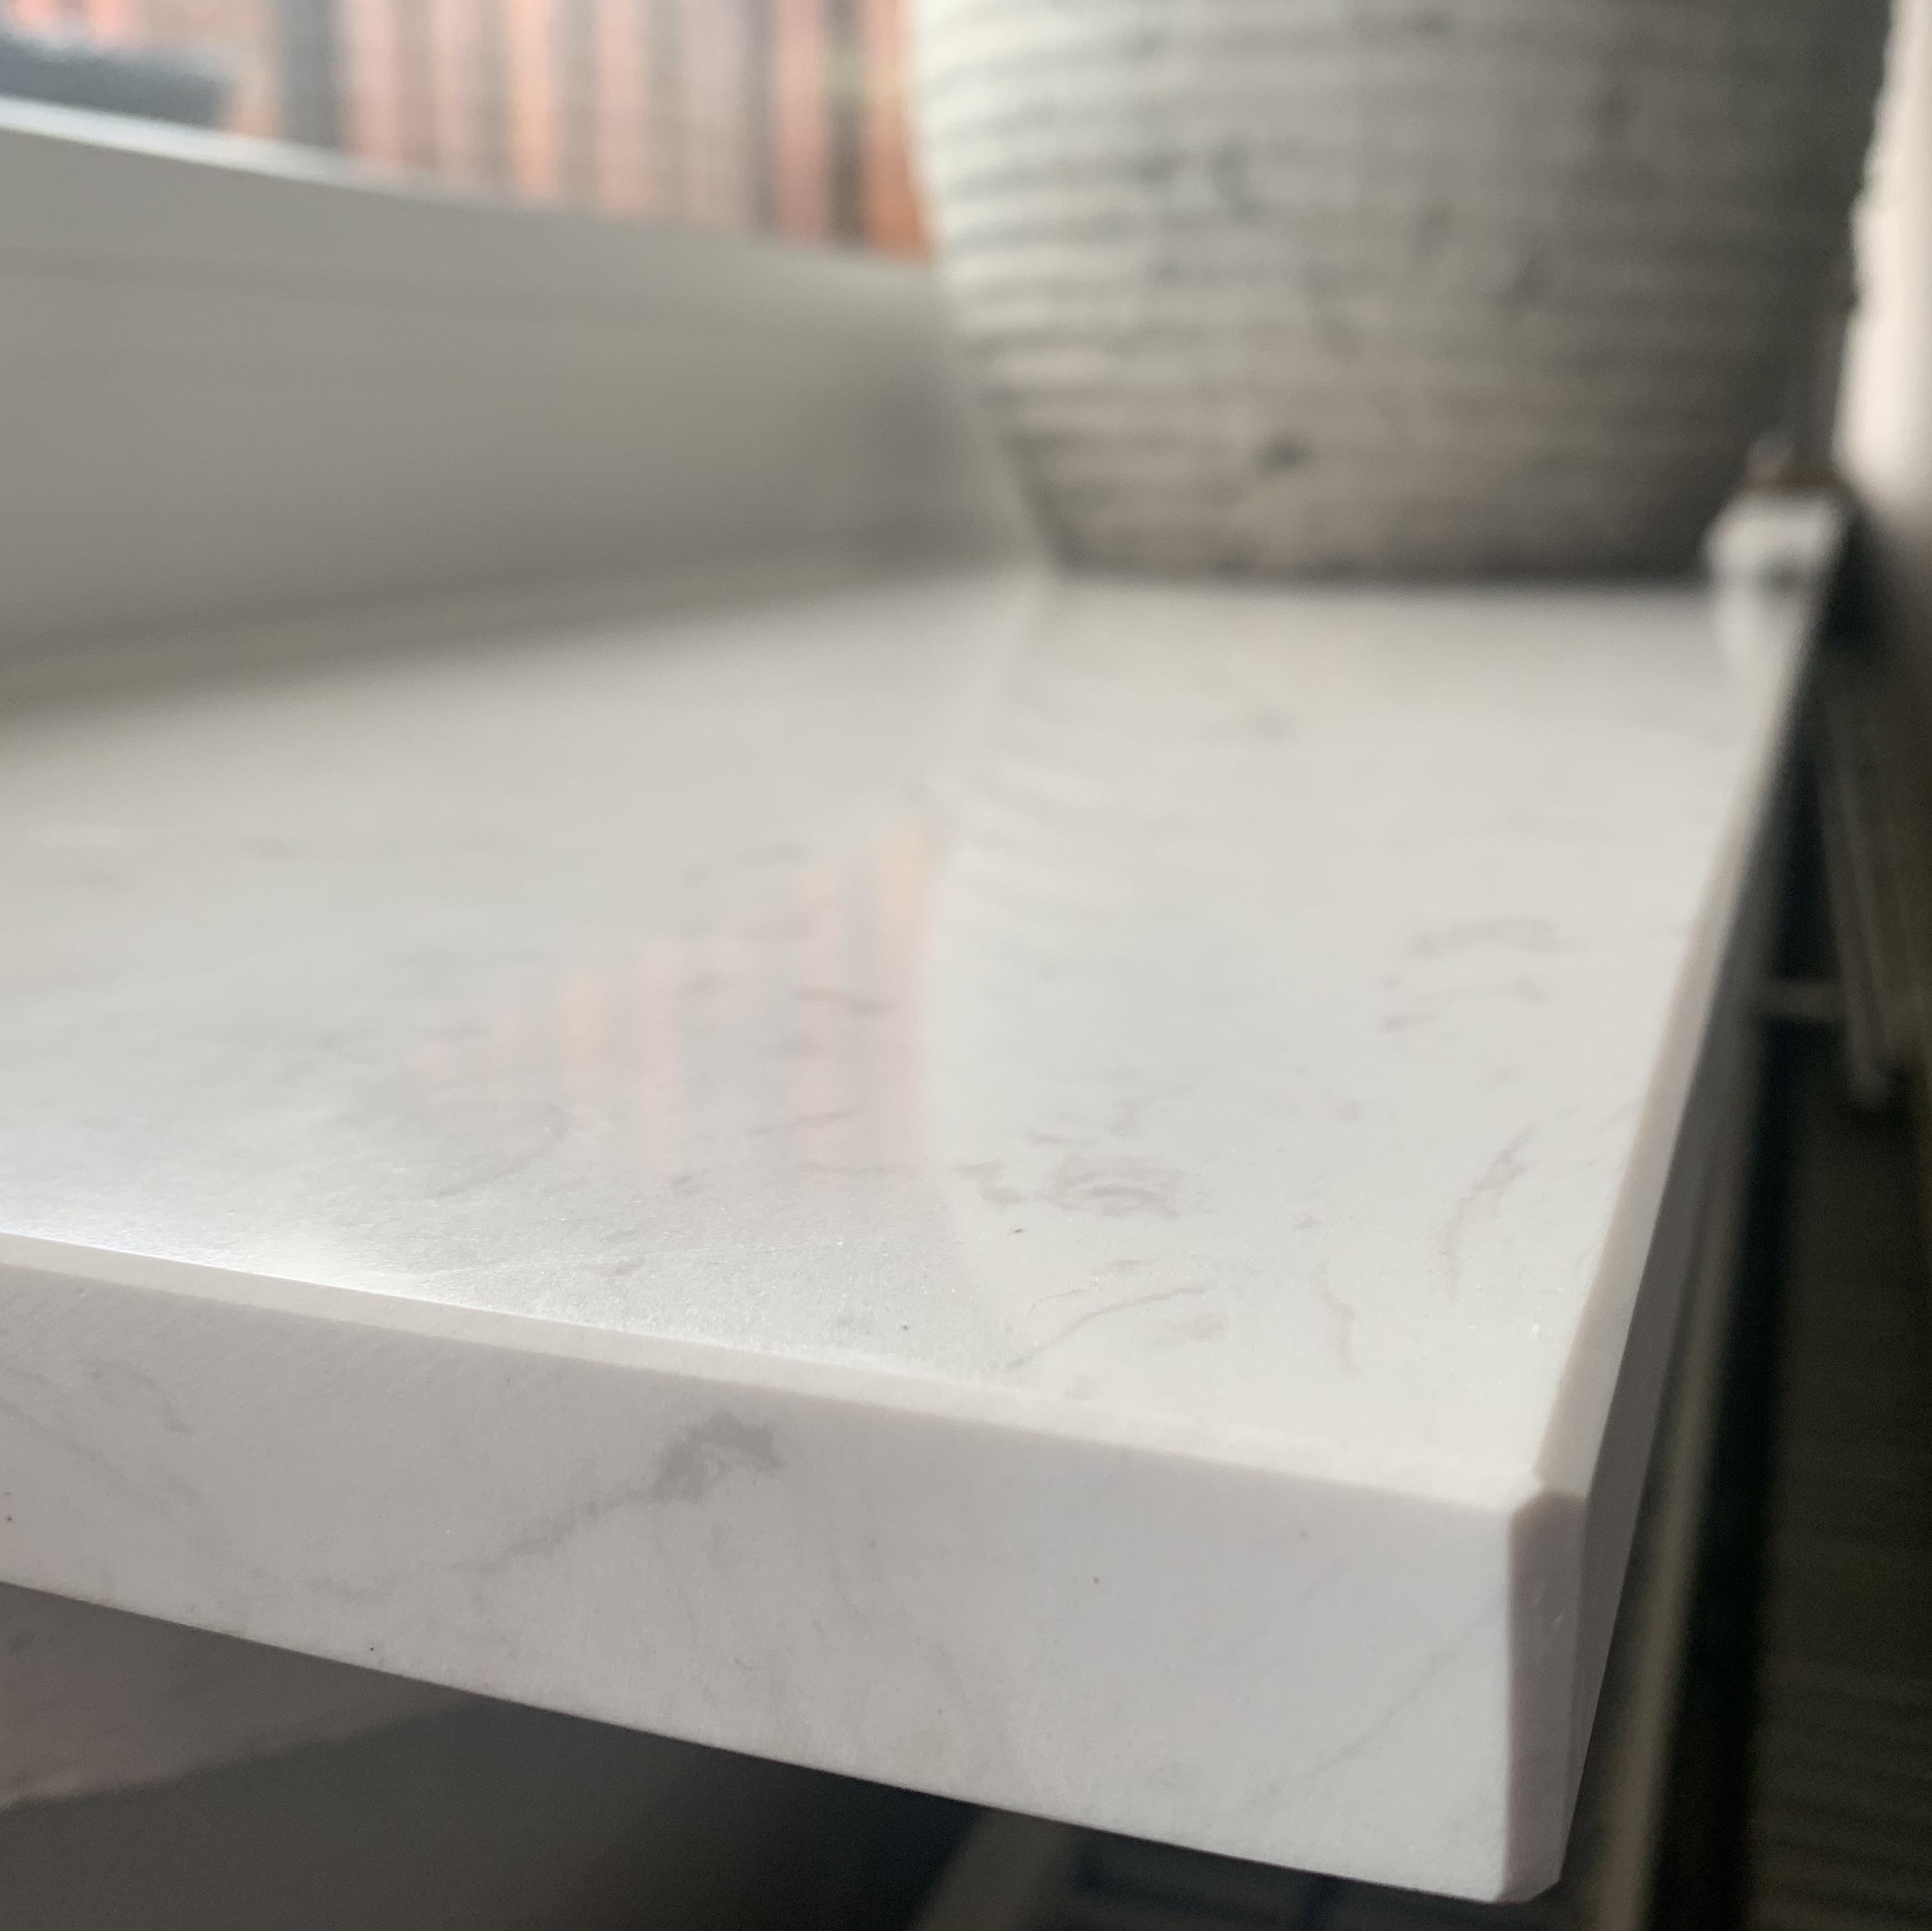 Vensterbank composiet Carrara wit - OP MAAT - 2 cm dik - 10-70 cm breed - 10-230 cm lang -  Gepolijst marmer composiet - wit marmer imitatie